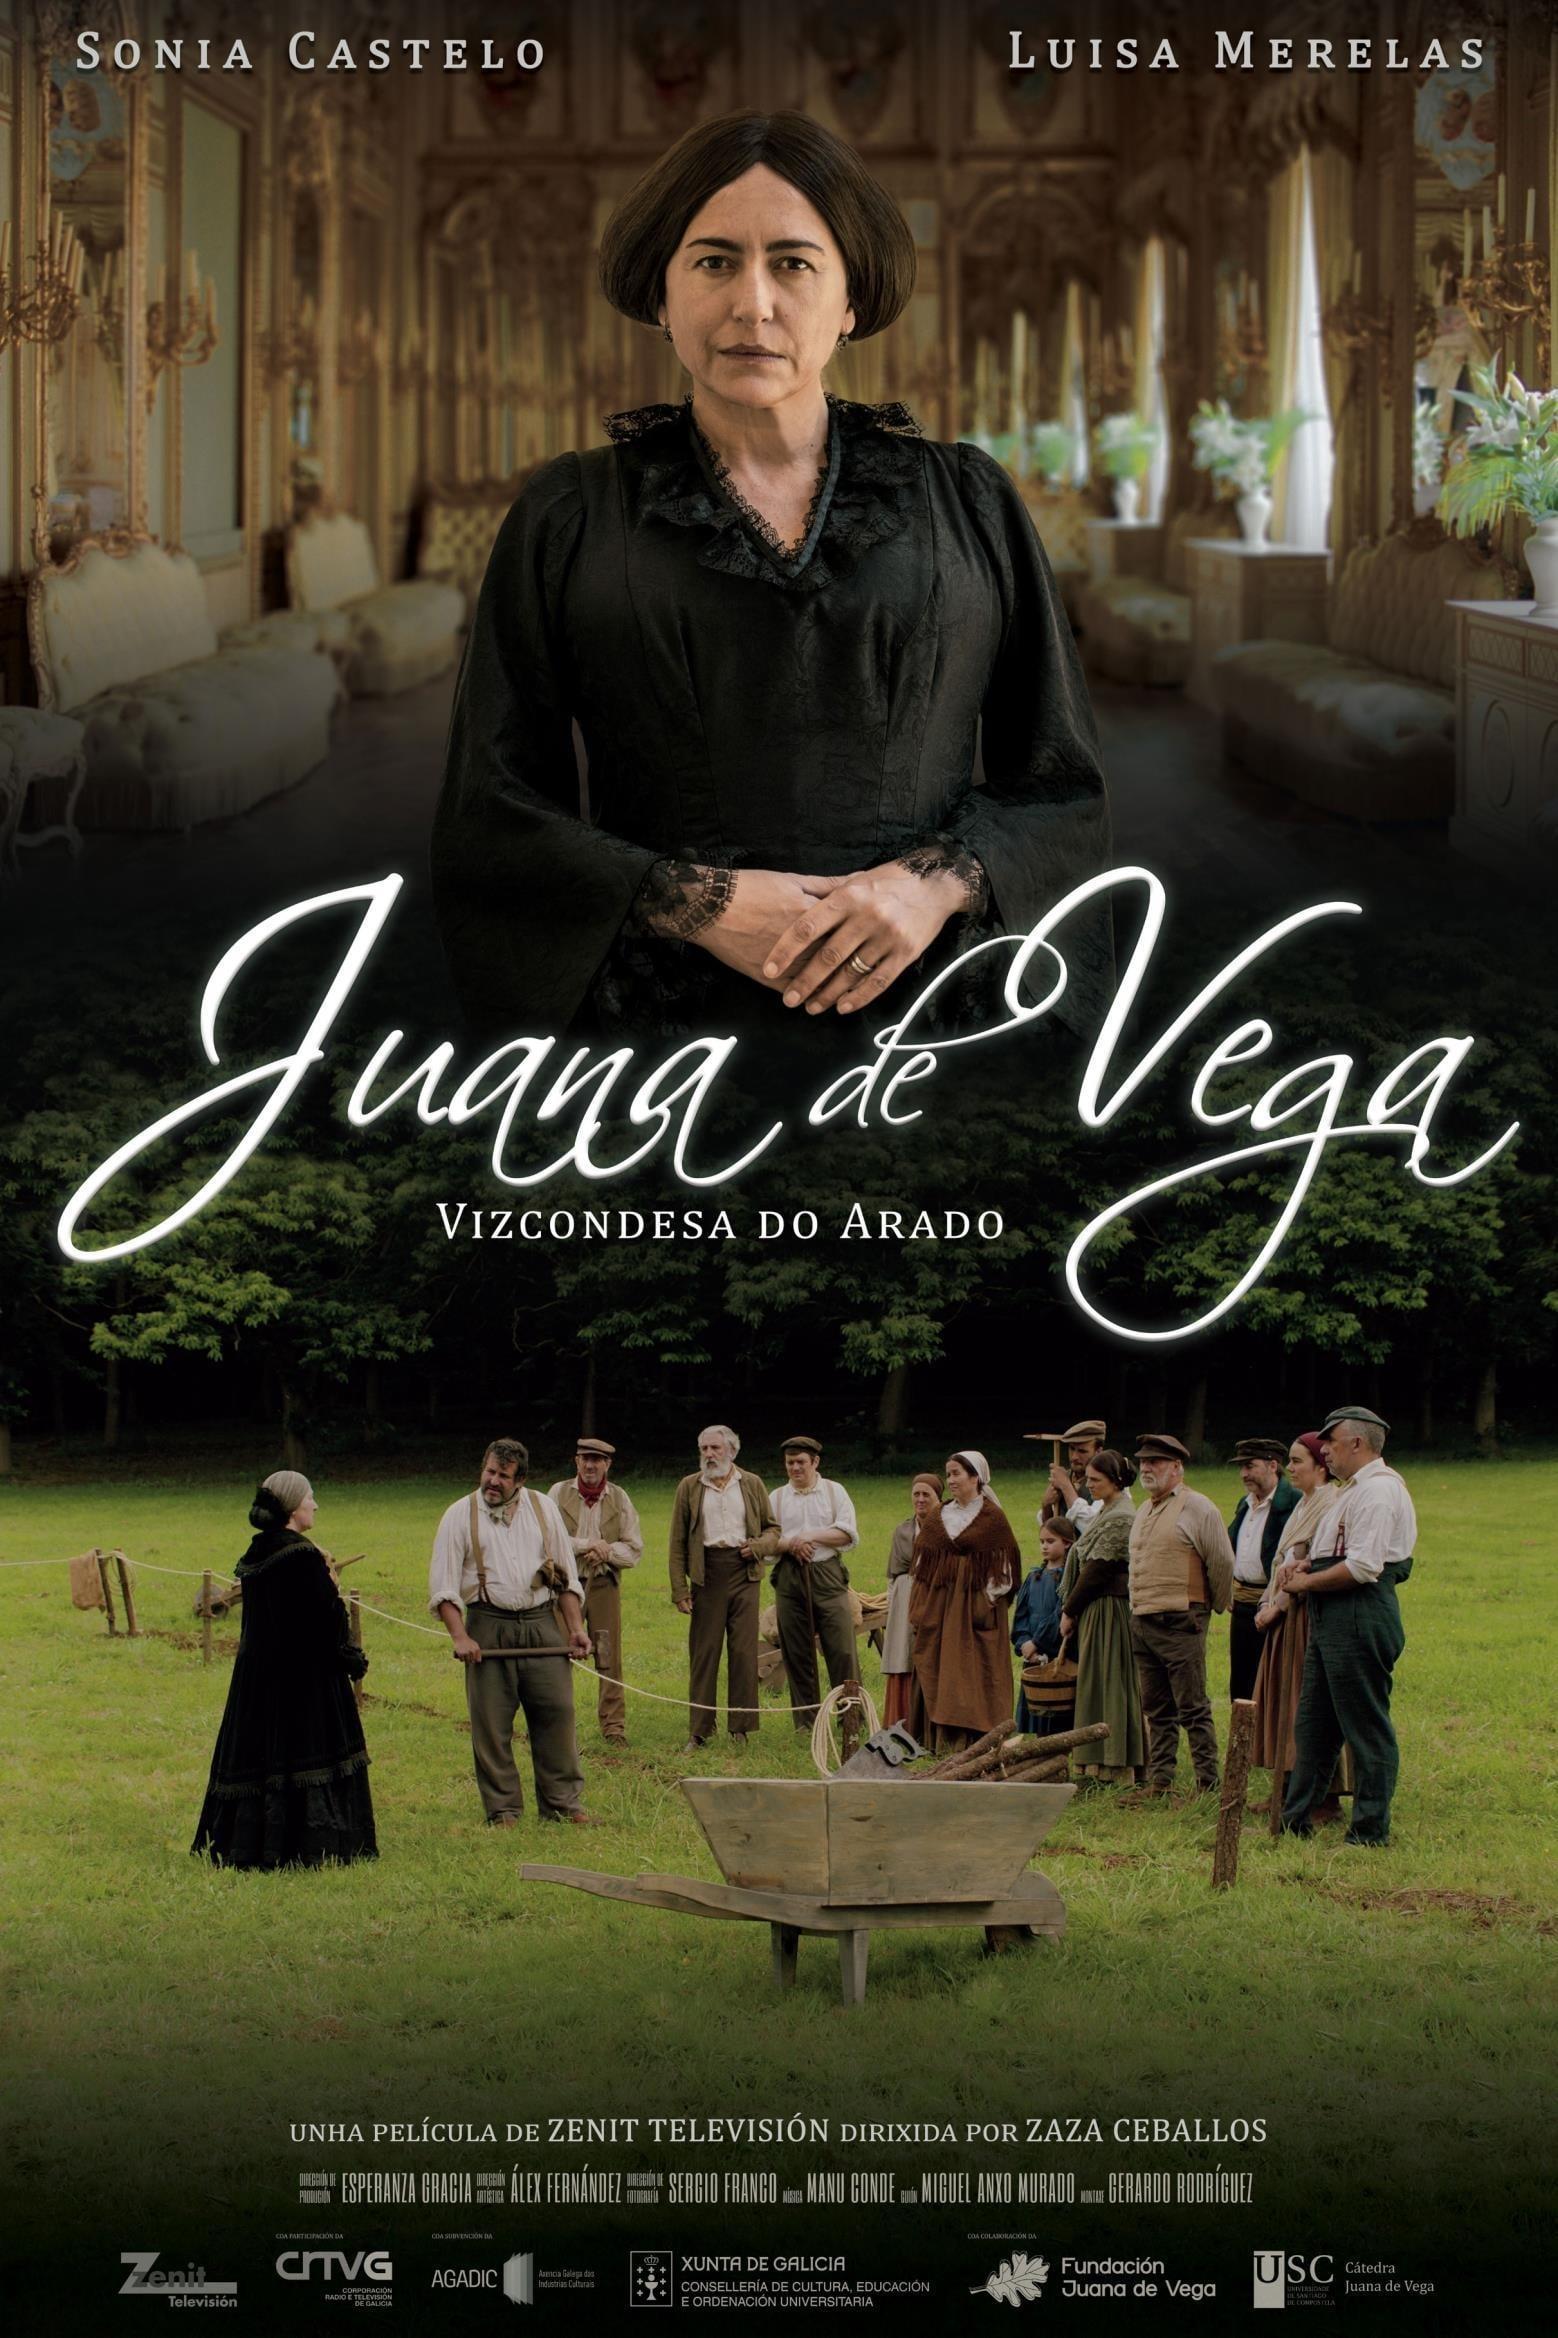 Juana de Vega. Vizcondesa do arado